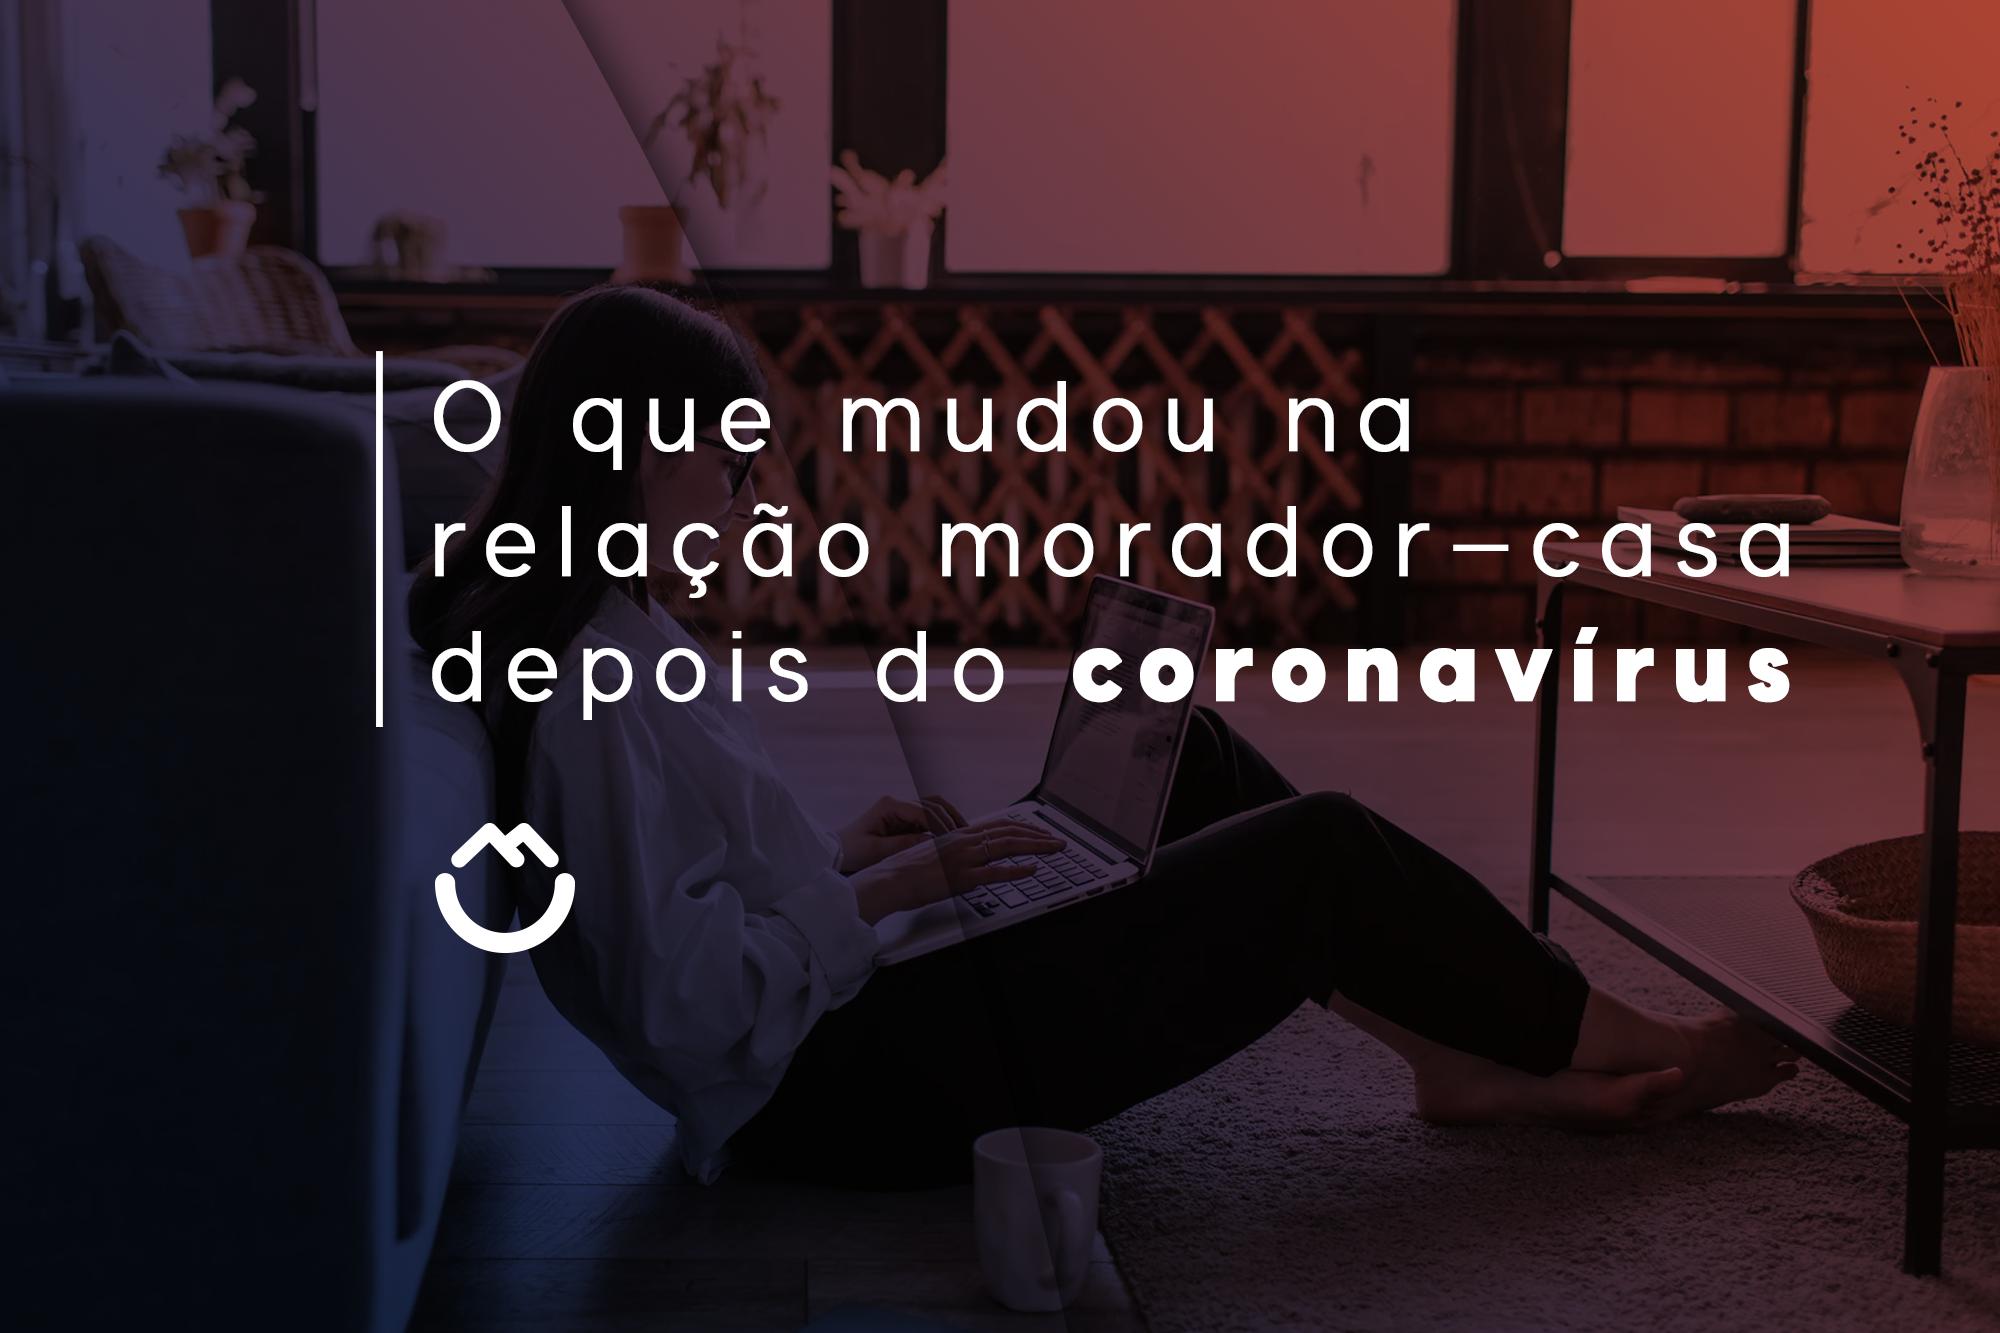 O que mudou na relação morador—casa depois do coronavírus